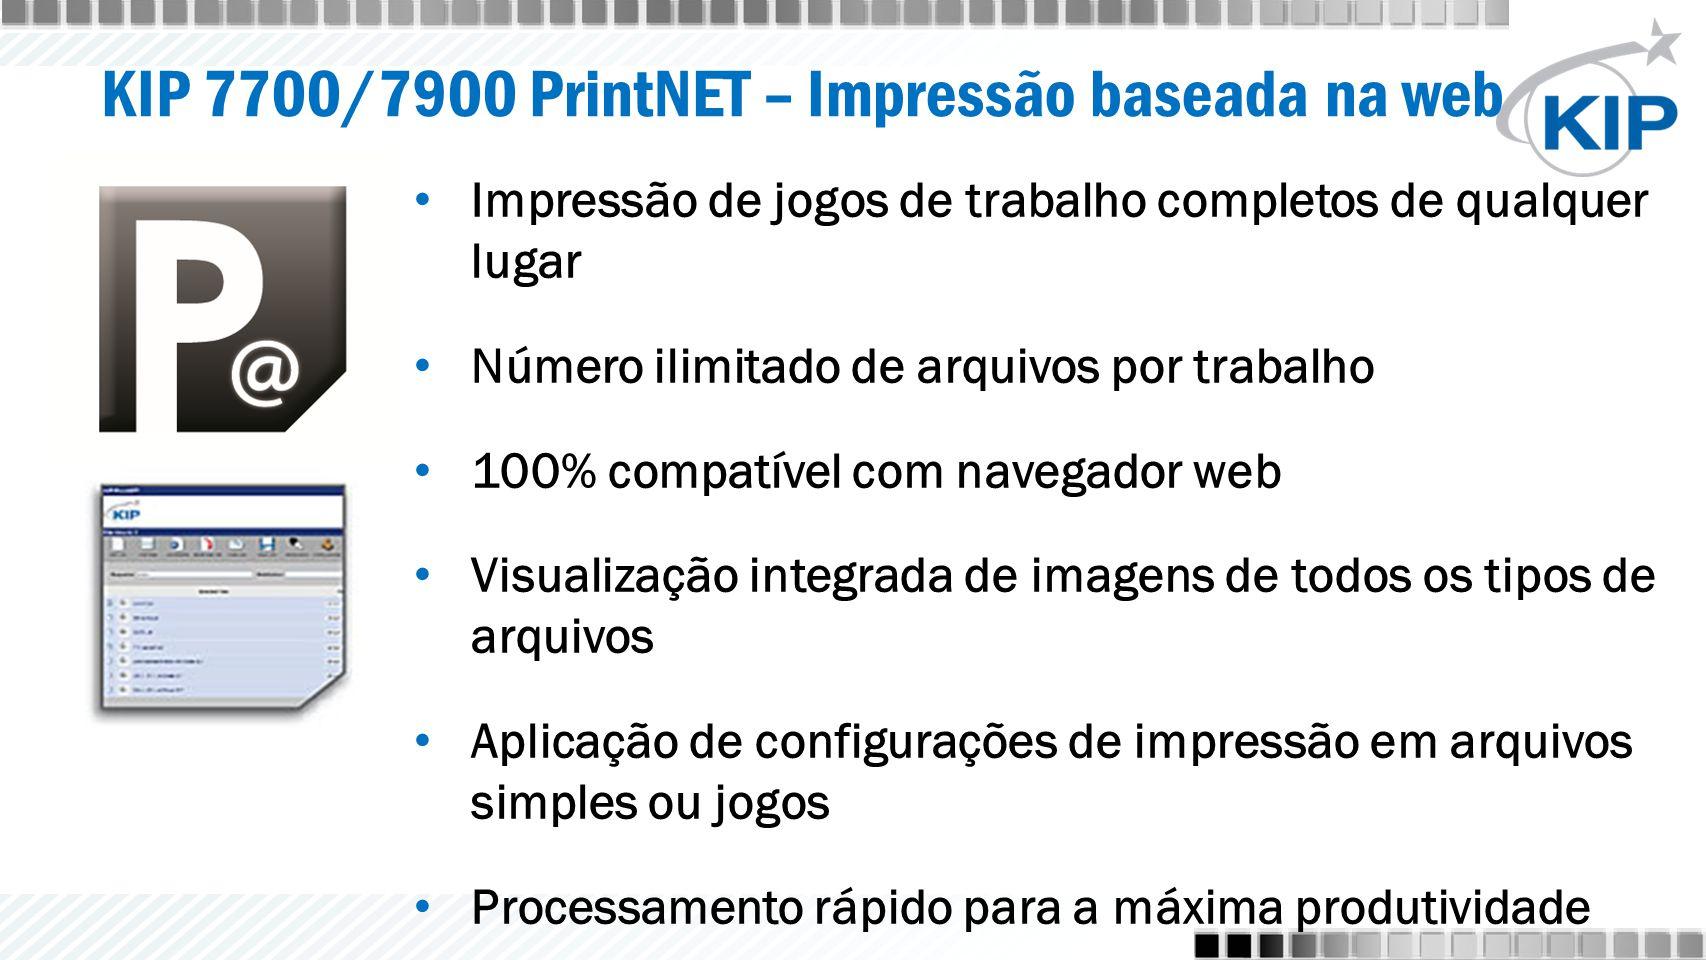 KIP 7700/7900 PrintNET – Impressão baseada na web Impressão de jogos de trabalho completos de qualquer lugar Número ilimitado de arquivos por trabalho 100% compatível com navegador web Visualização integrada de imagens de todos os tipos de arquivos Aplicação de configurações de impressão em arquivos simples ou jogos Processamento rápido para a máxima produtividade